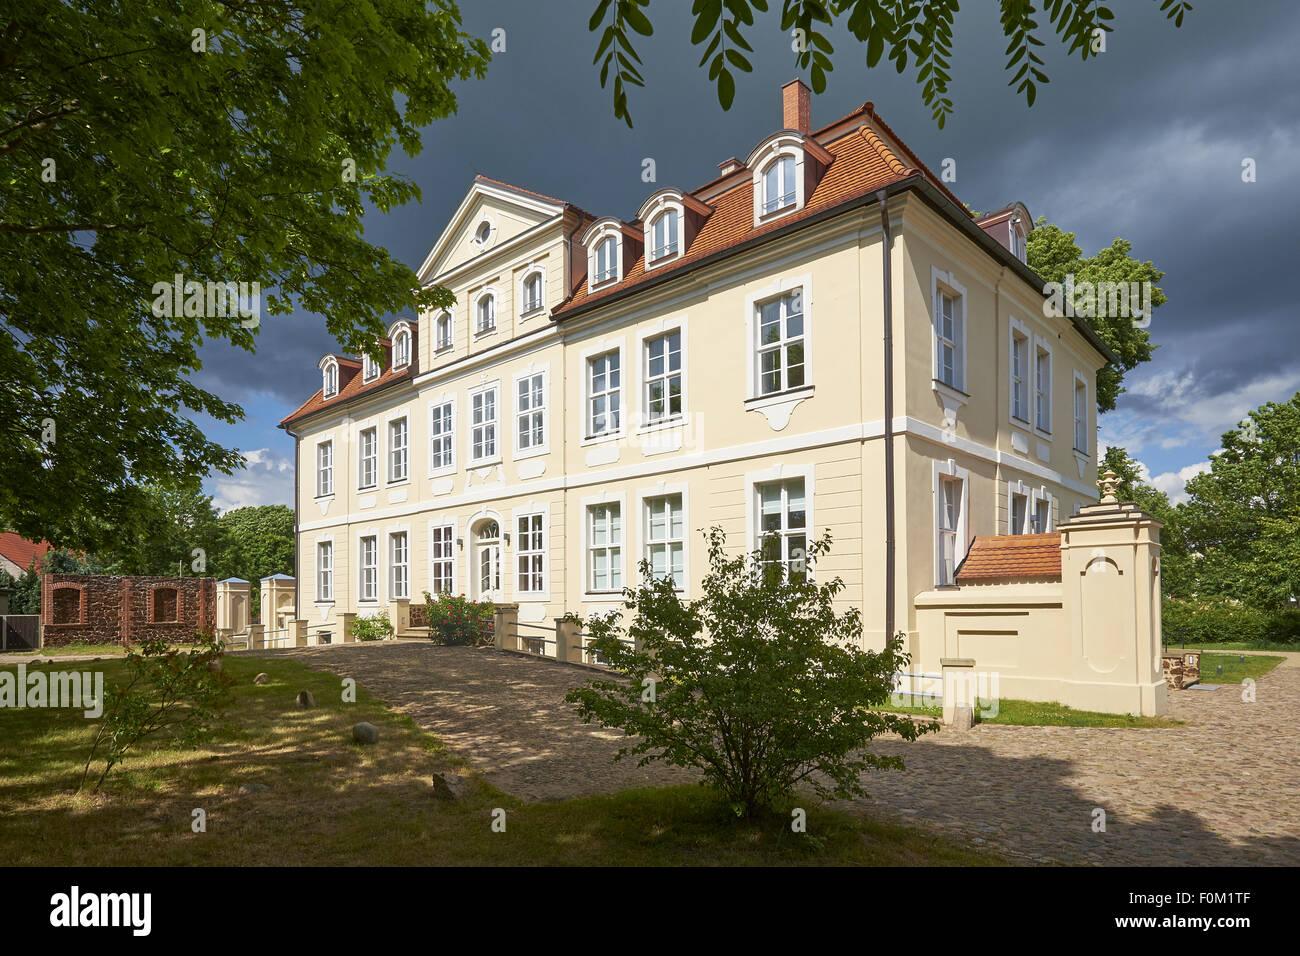 Grube castle, Grube/Bad Wilsnack, Prignitz, Brandenburg, Germany - Stock Image